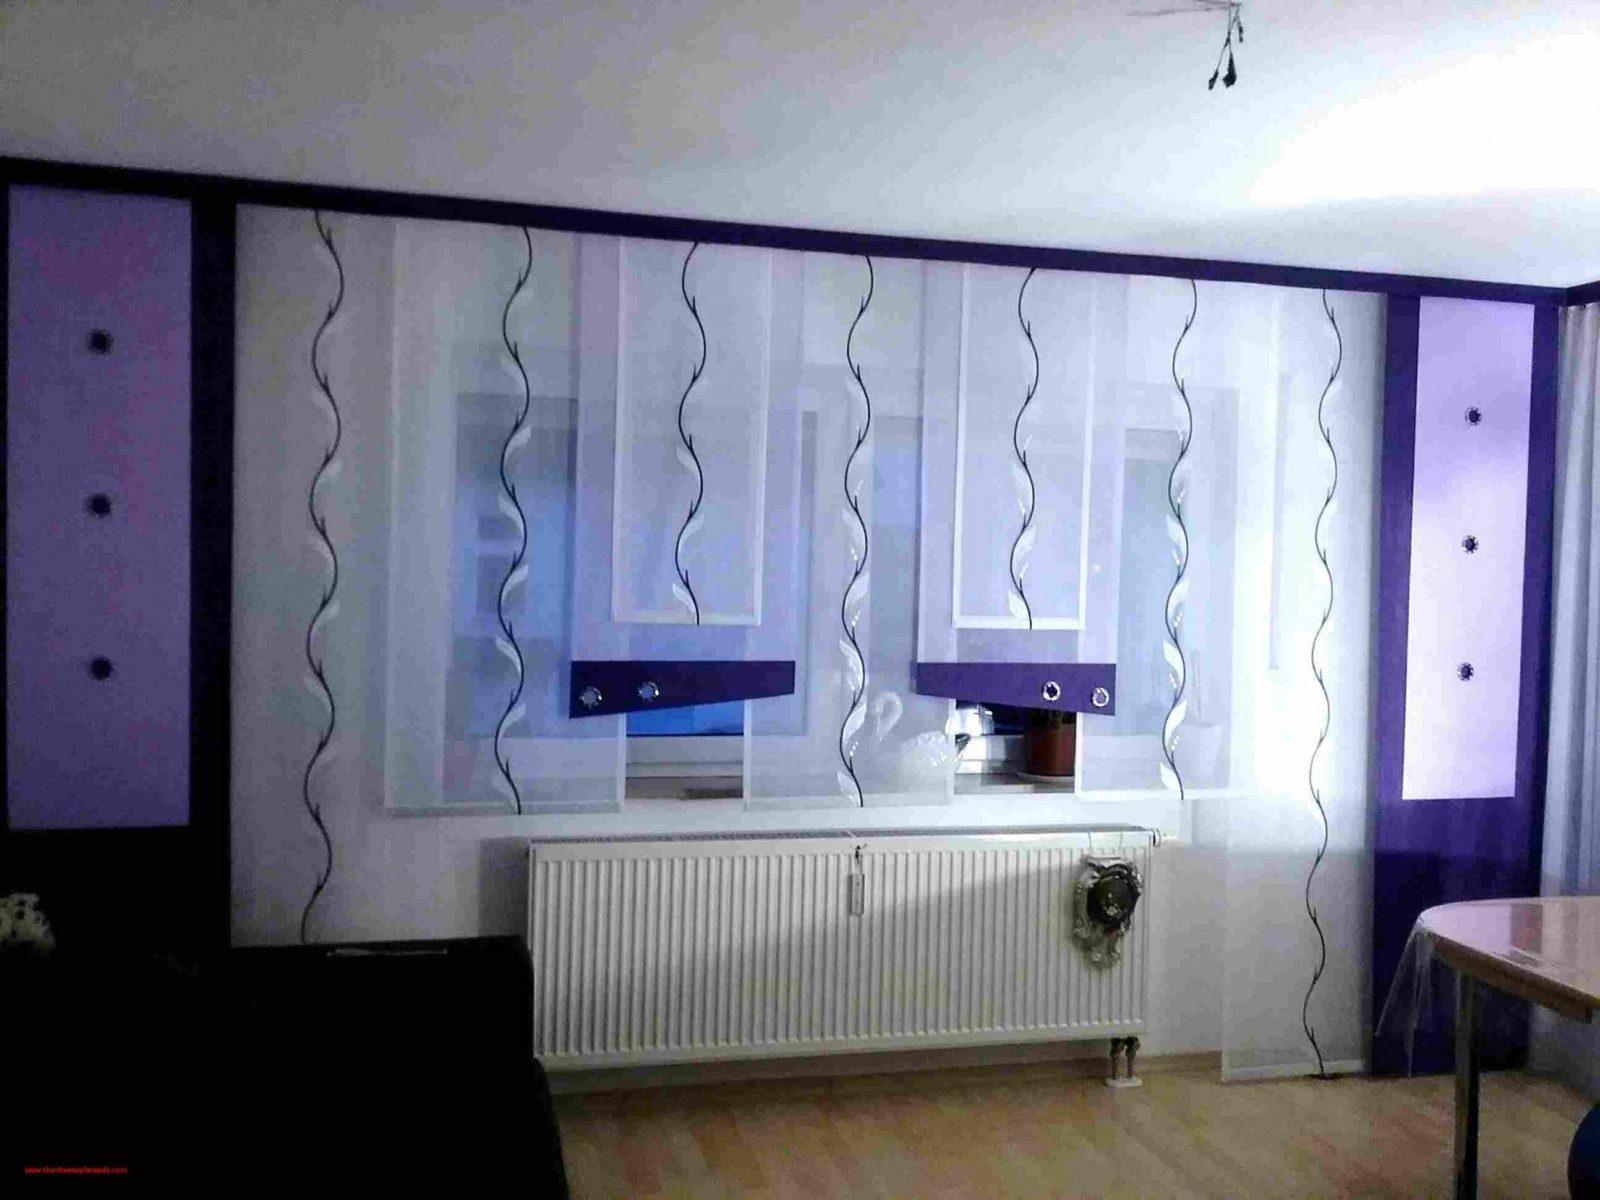 Elegant Balkontür Gardine Luxury von Gardinen Für Wohnzimmer Mit Balkontür Photo